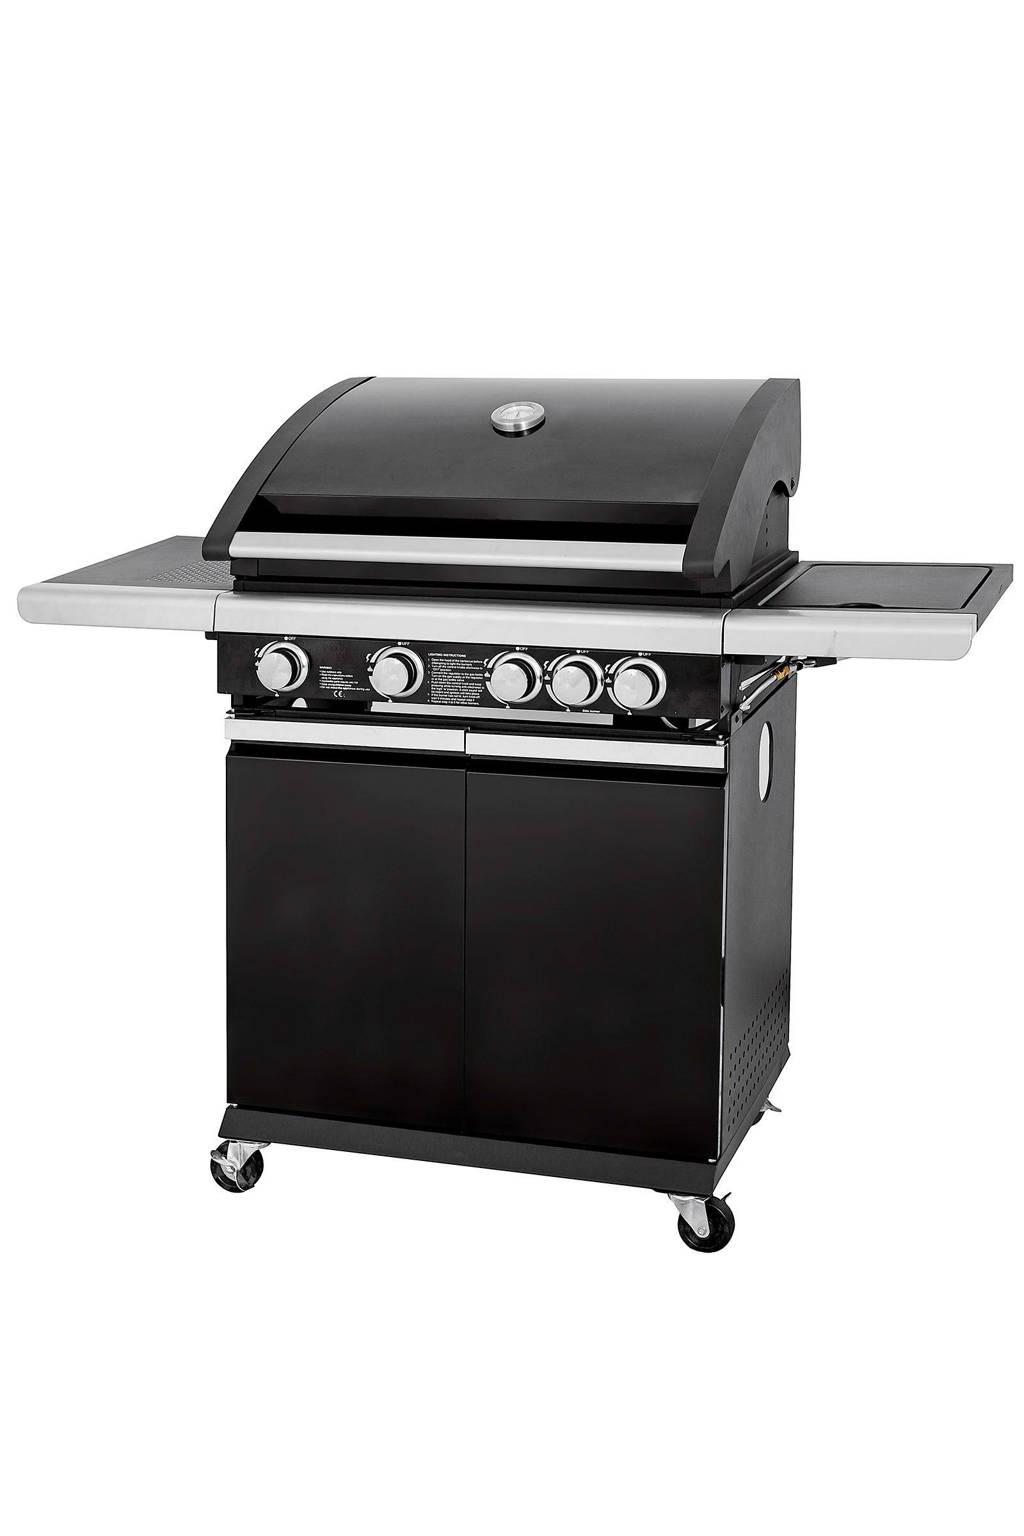 Patton Patio Chef 4+ gasbarbecue, Nova Black